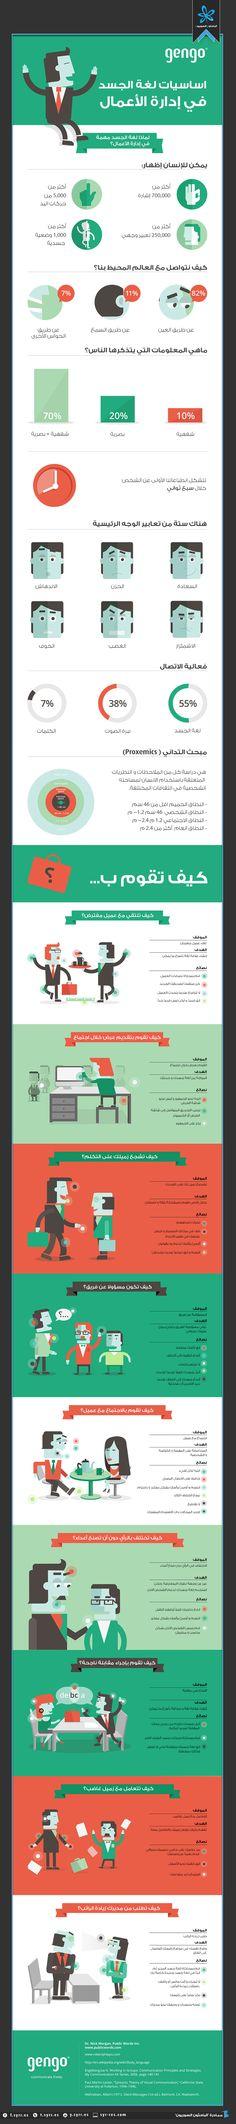 الباحثون السوريون - أساسيات لغة الجسد في إدارة الأعمال